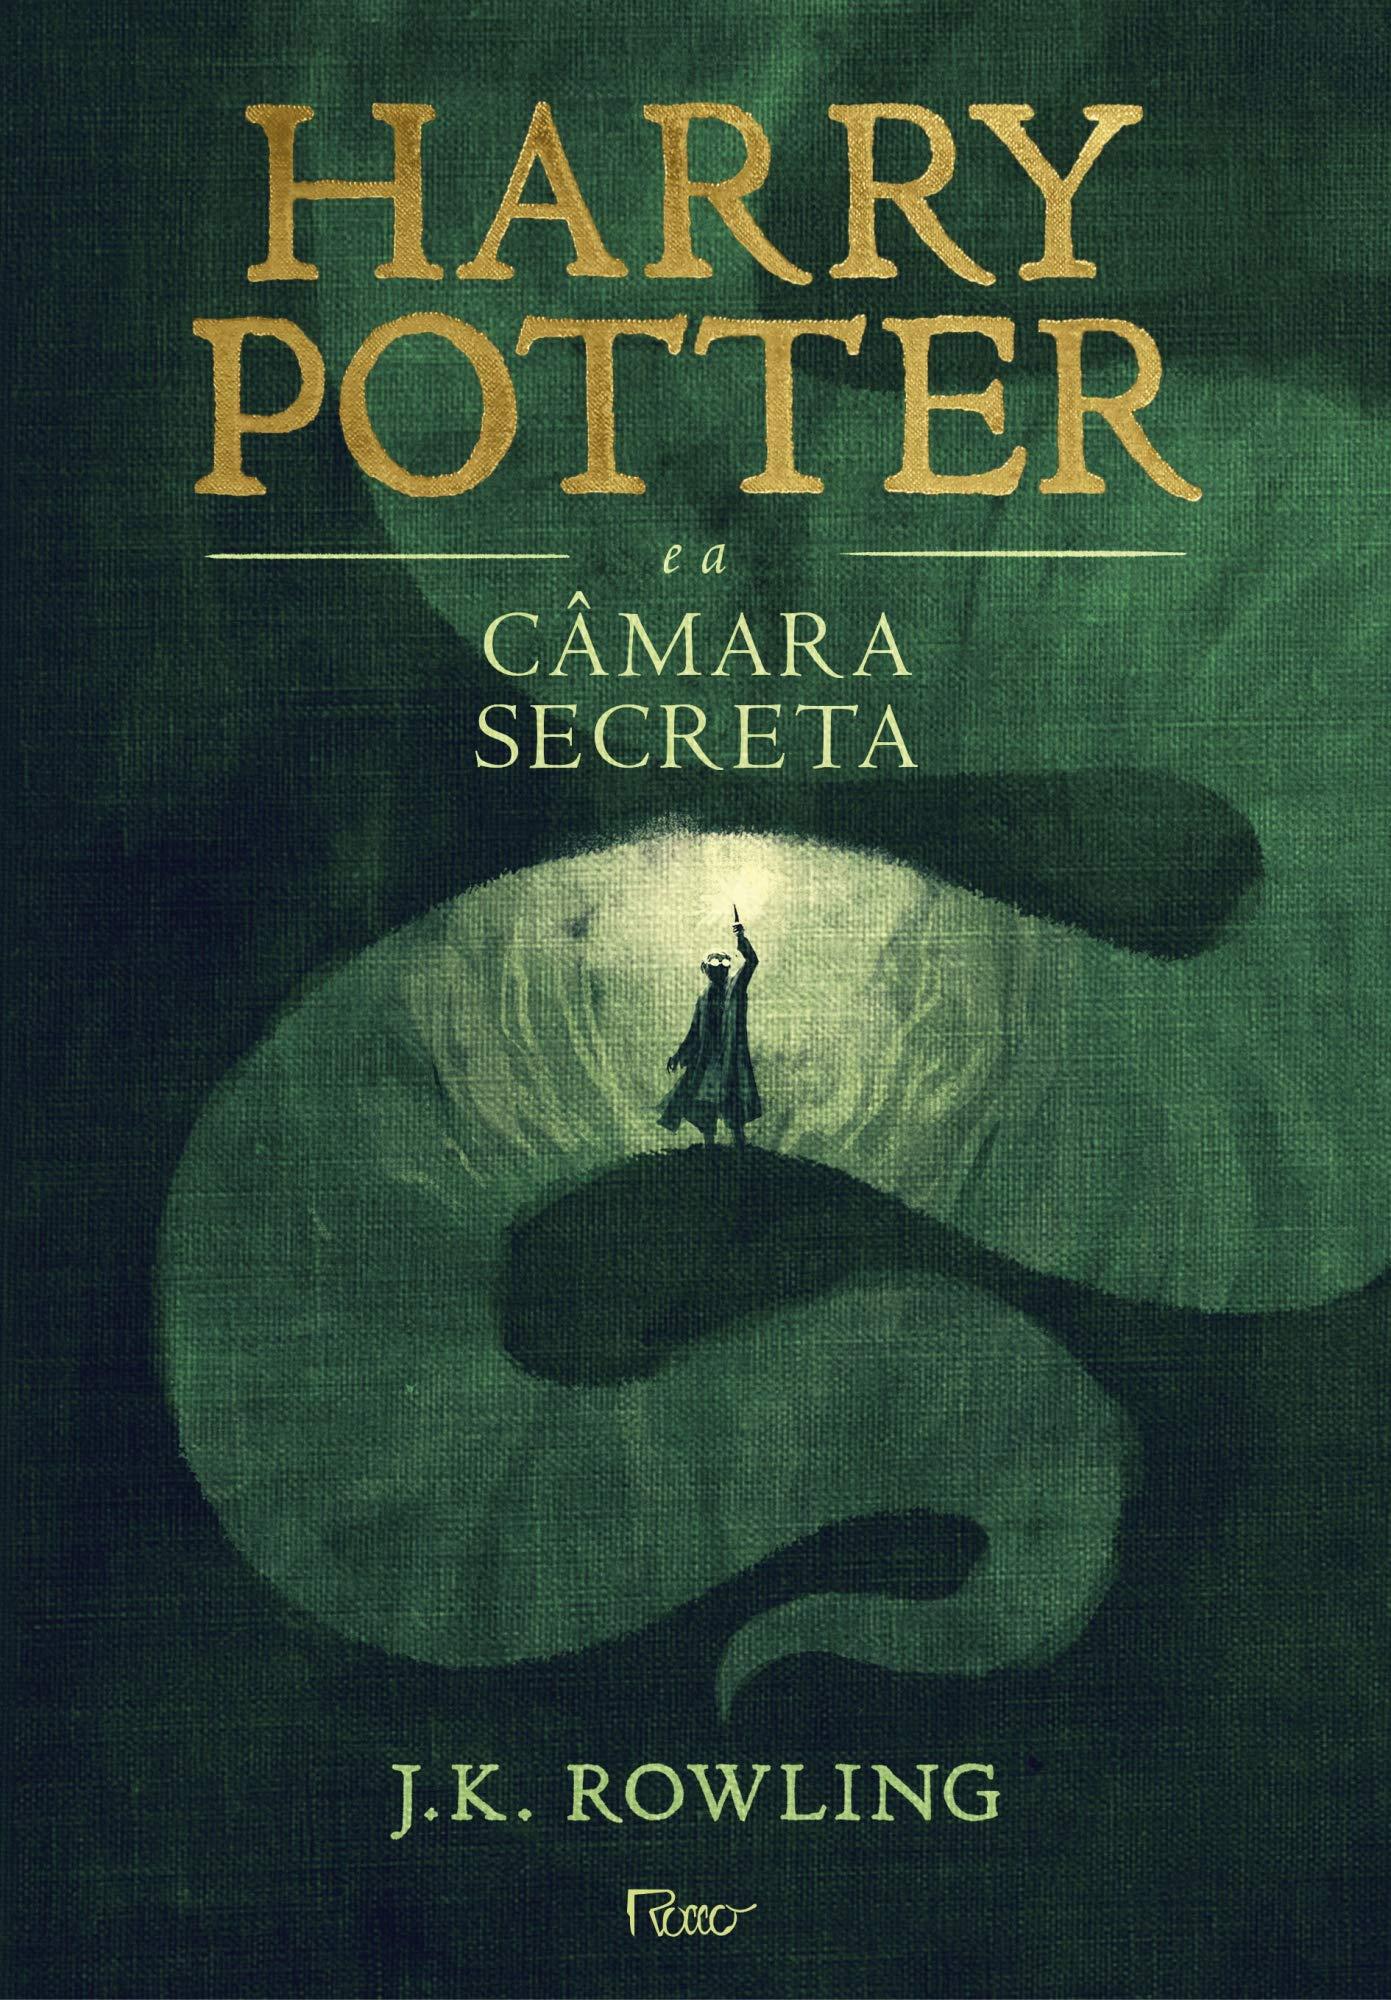 amazon com harry potter e a camera secreta 9788532530790 books harry potter e a camera secreta